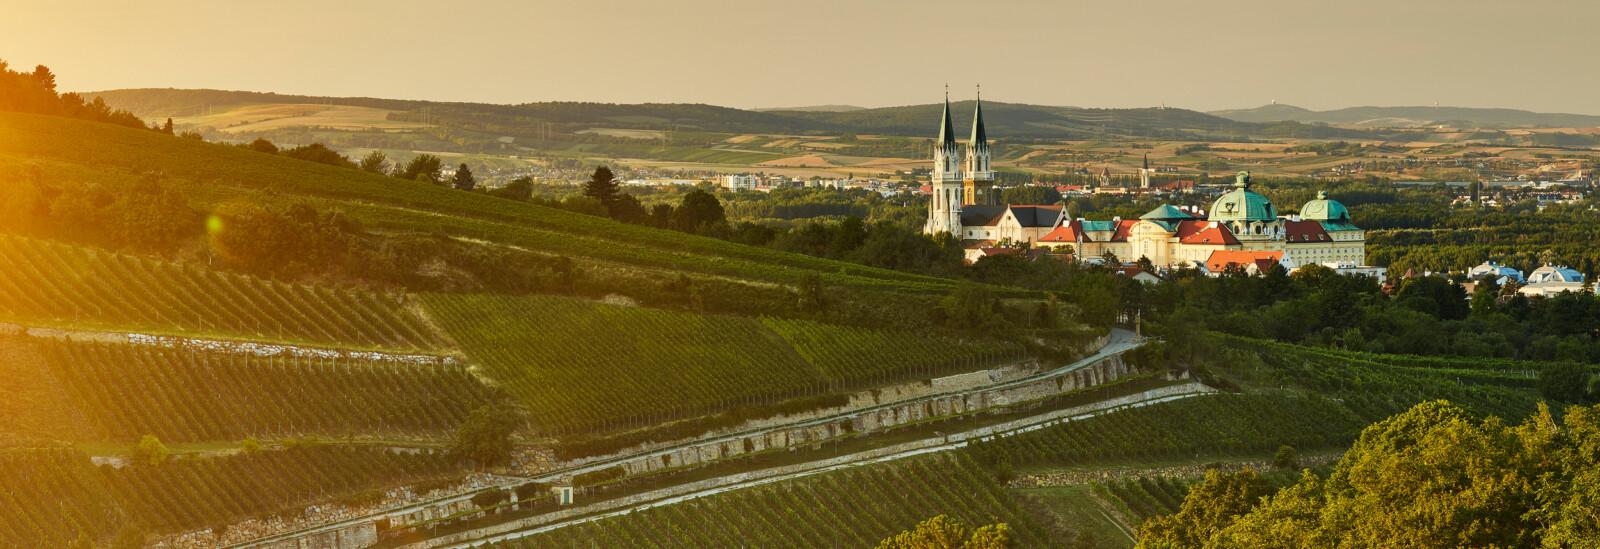 Stift Klosterneuburg, Wienerwald